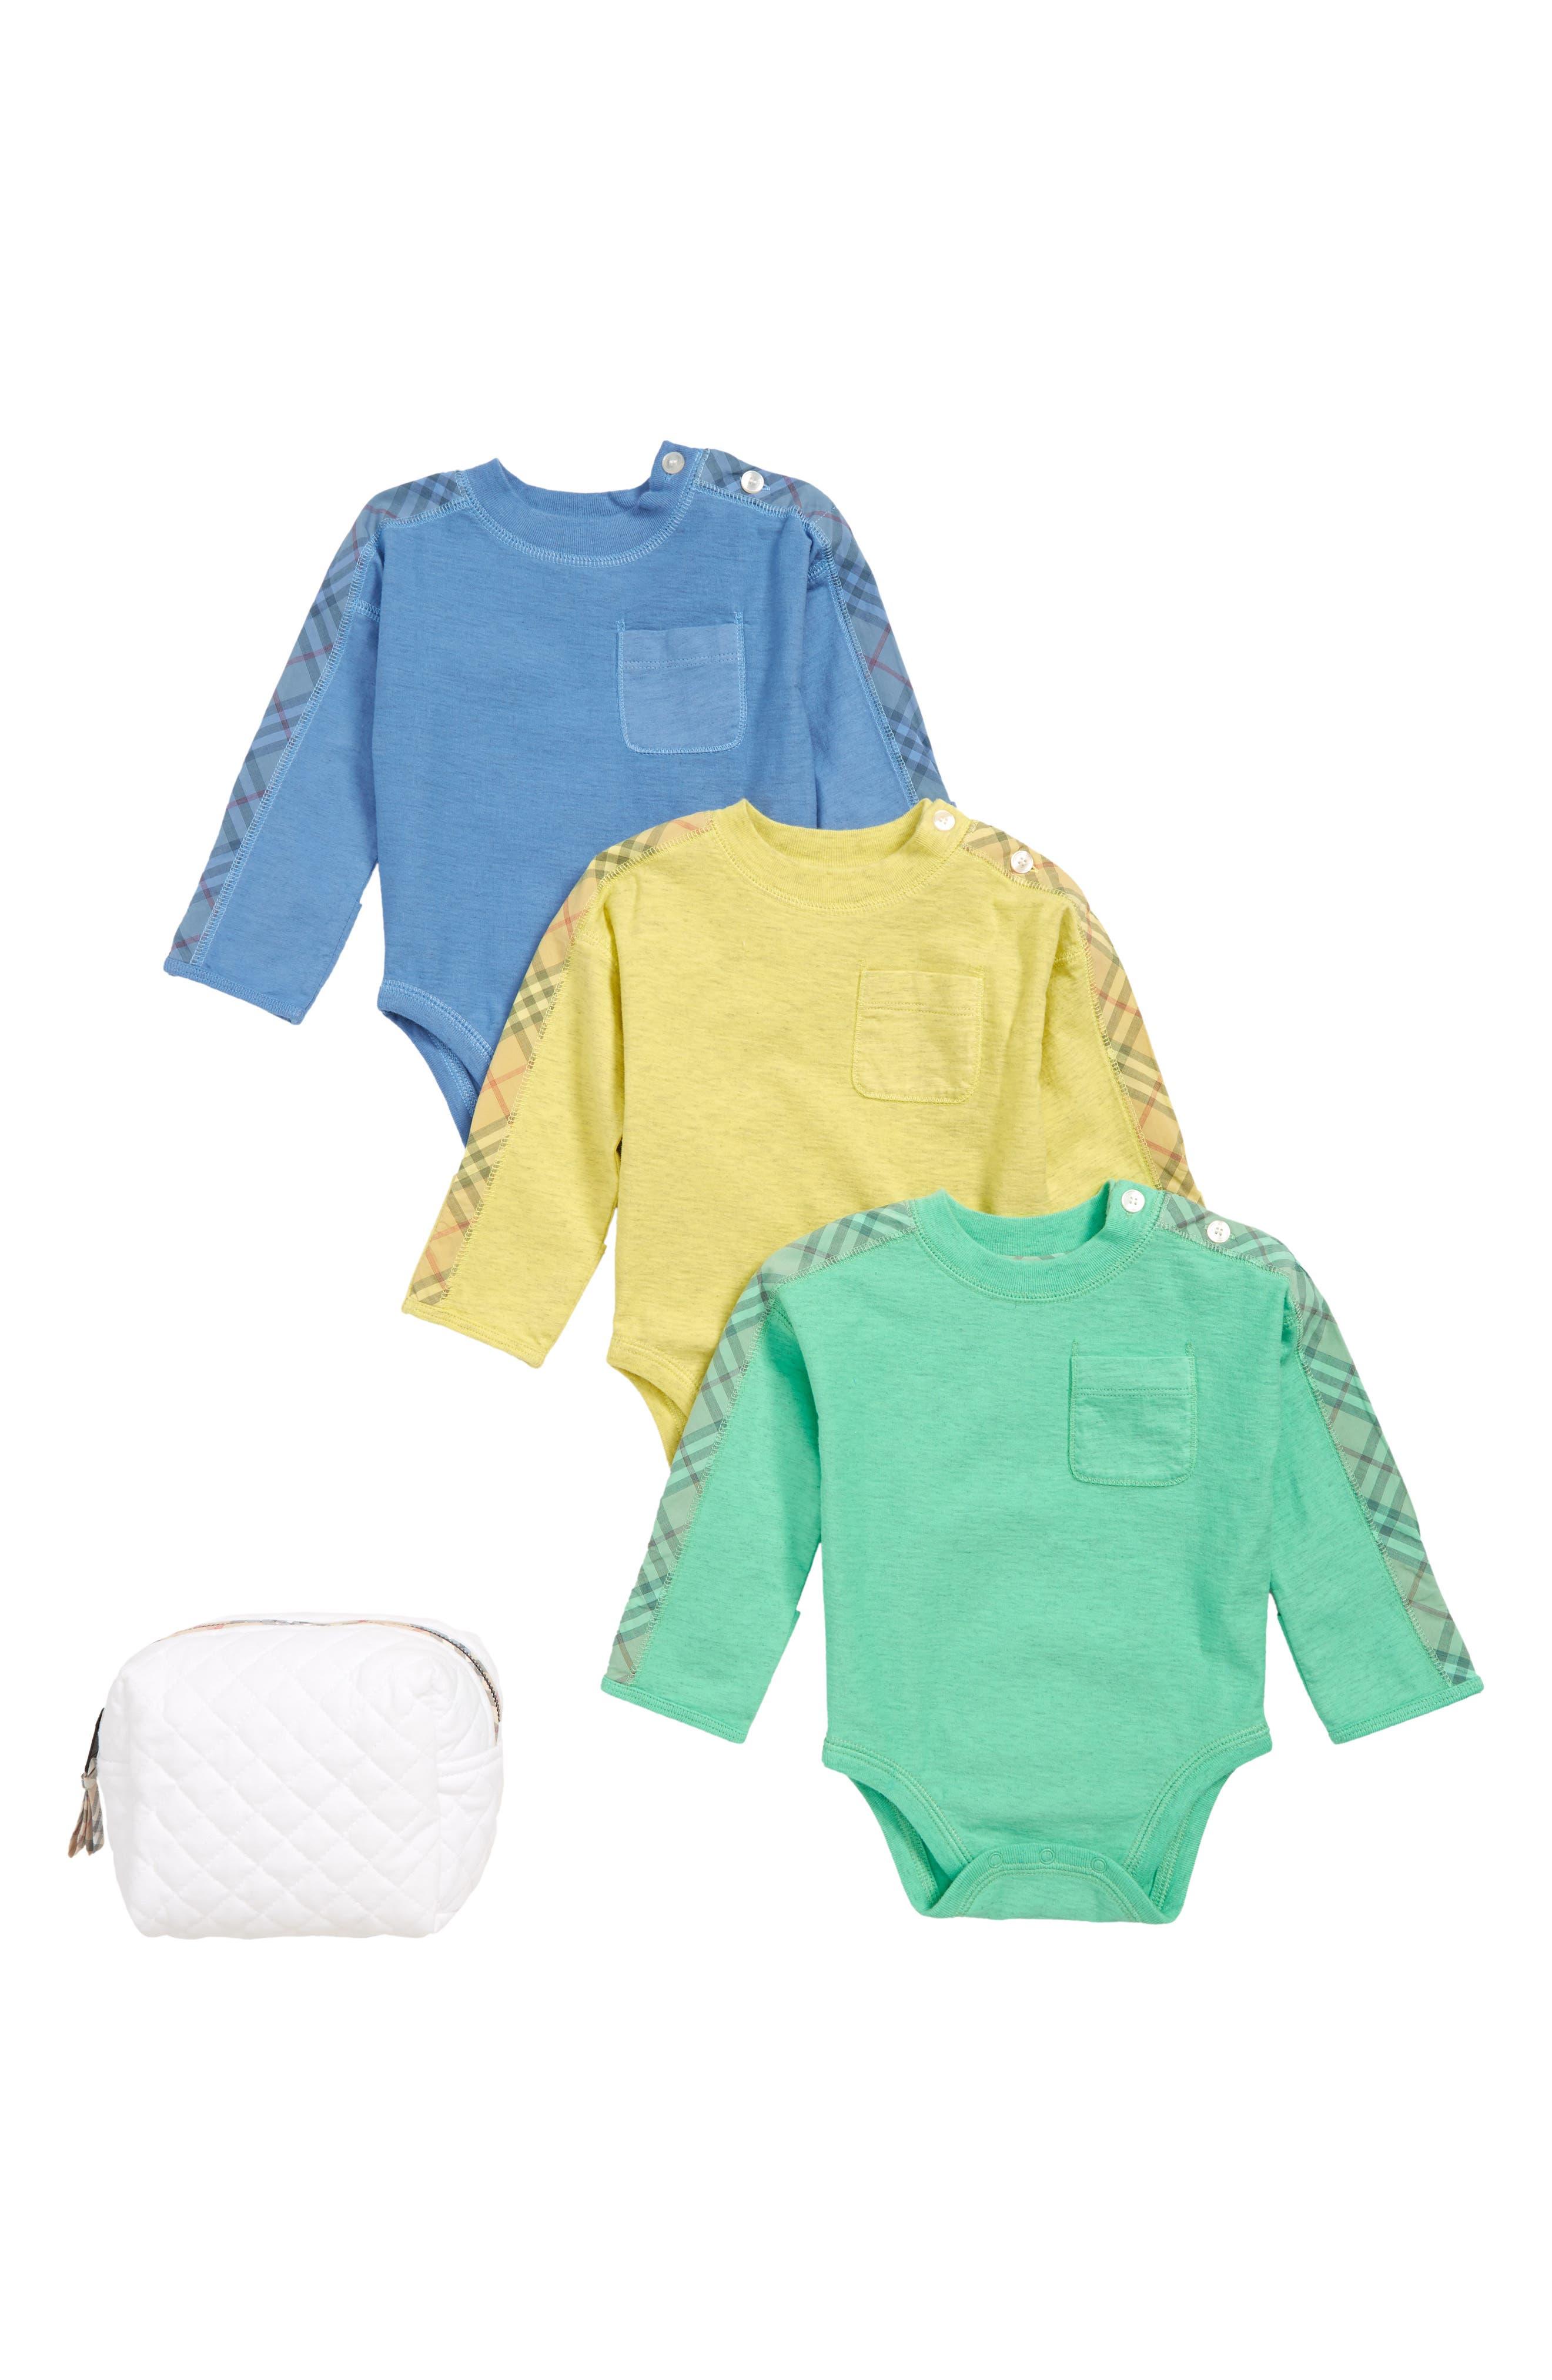 BURBERRY Alby Bodysuit Set, Main, color, MULTICOLOUR